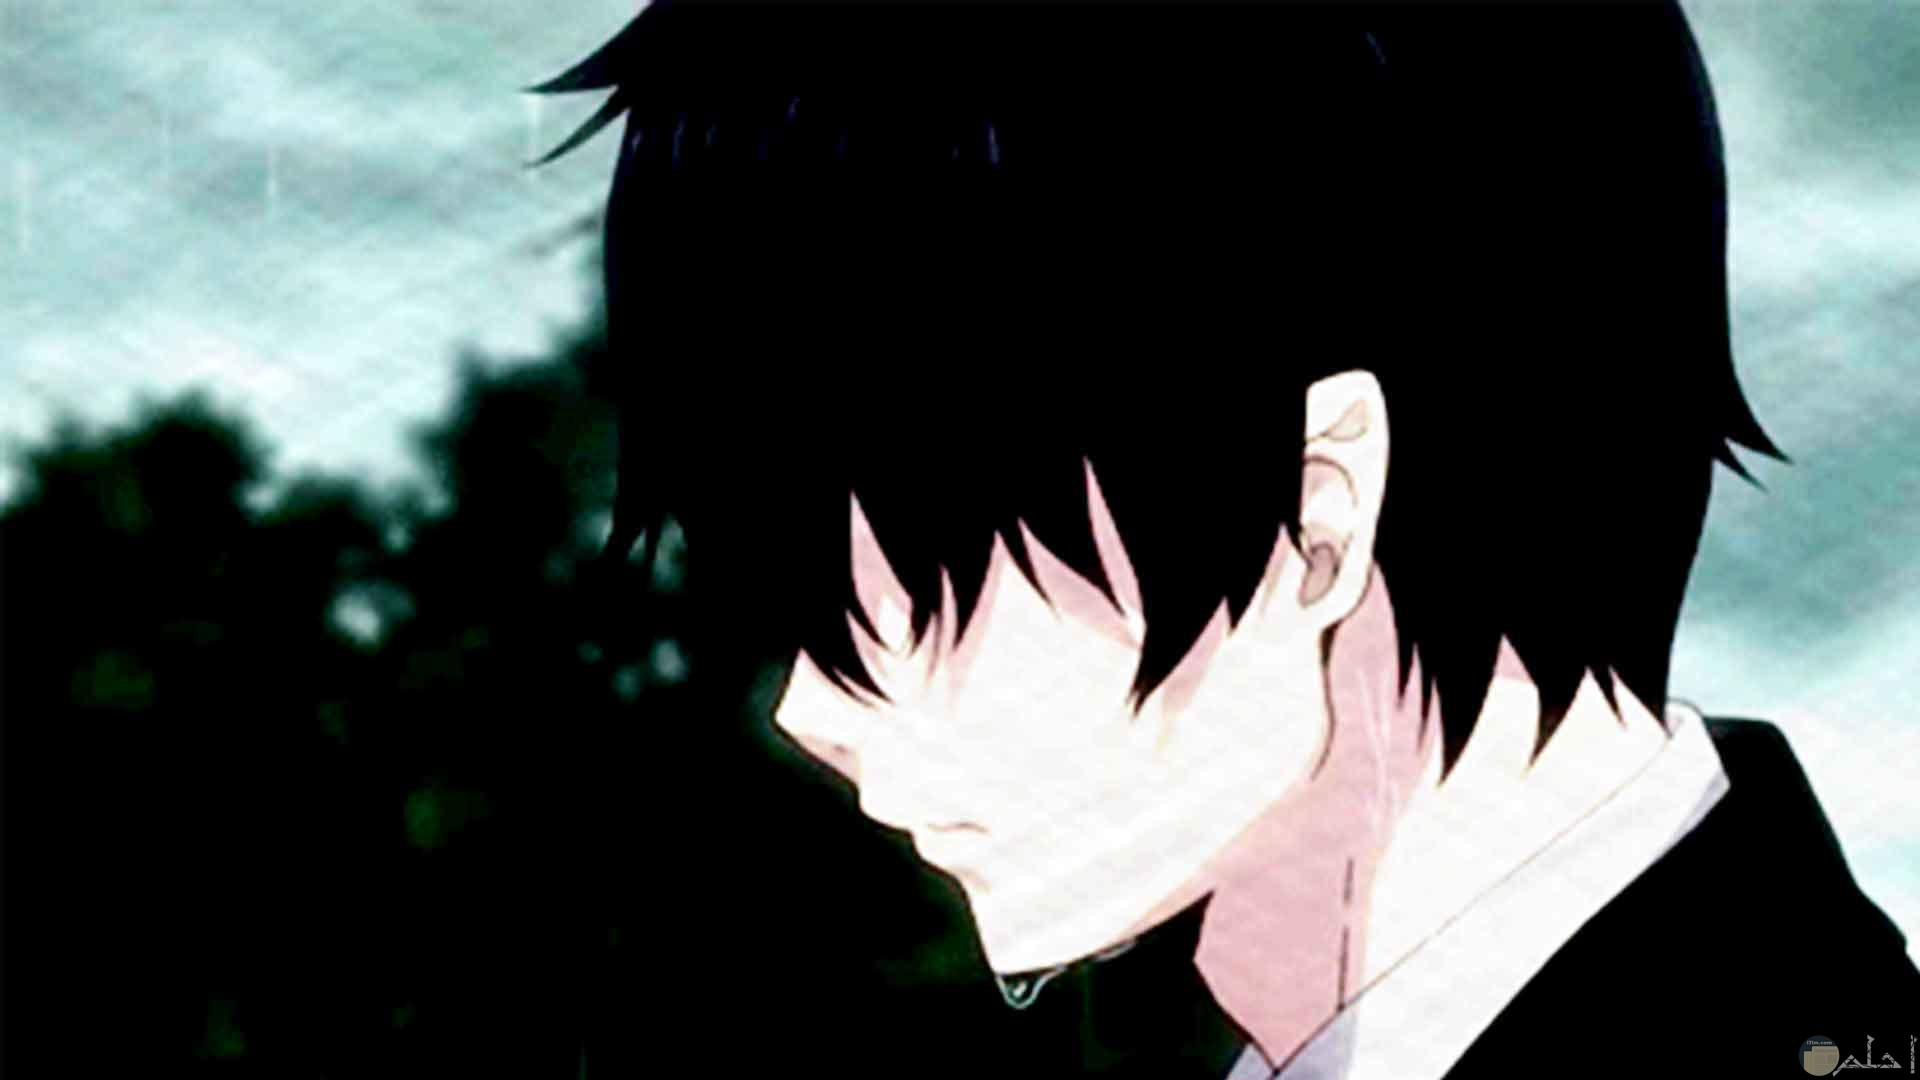 رسمة انمي ولد يبكي و تتساقط دموعه في ألم.